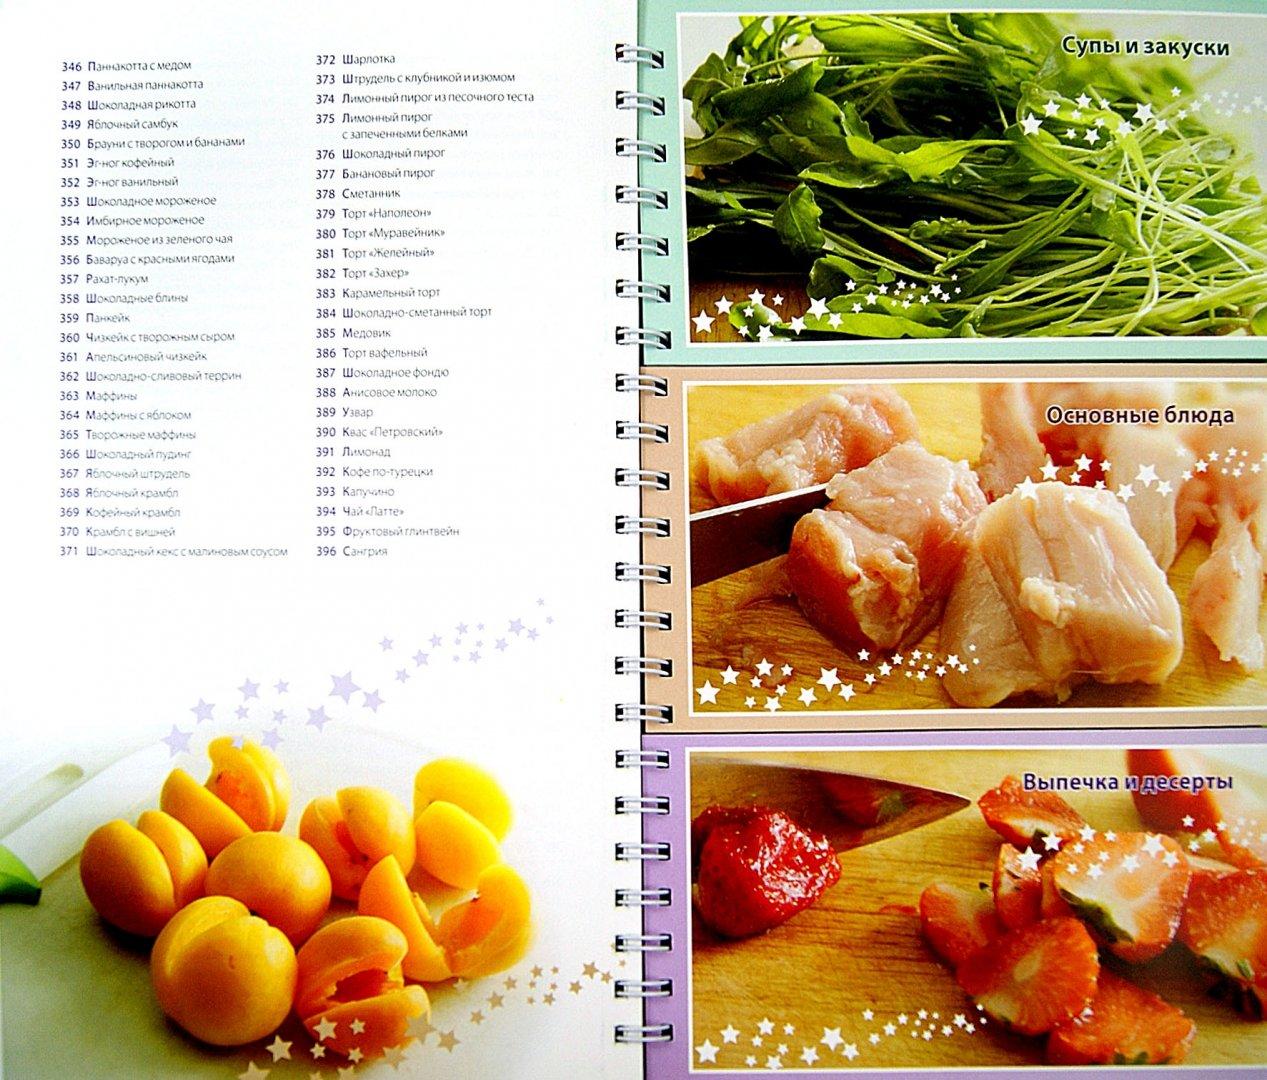 Иллюстрация 1 из 8 для Большая кулинарная книга (миллион рецептов) | Лабиринт - книги. Источник: Лабиринт